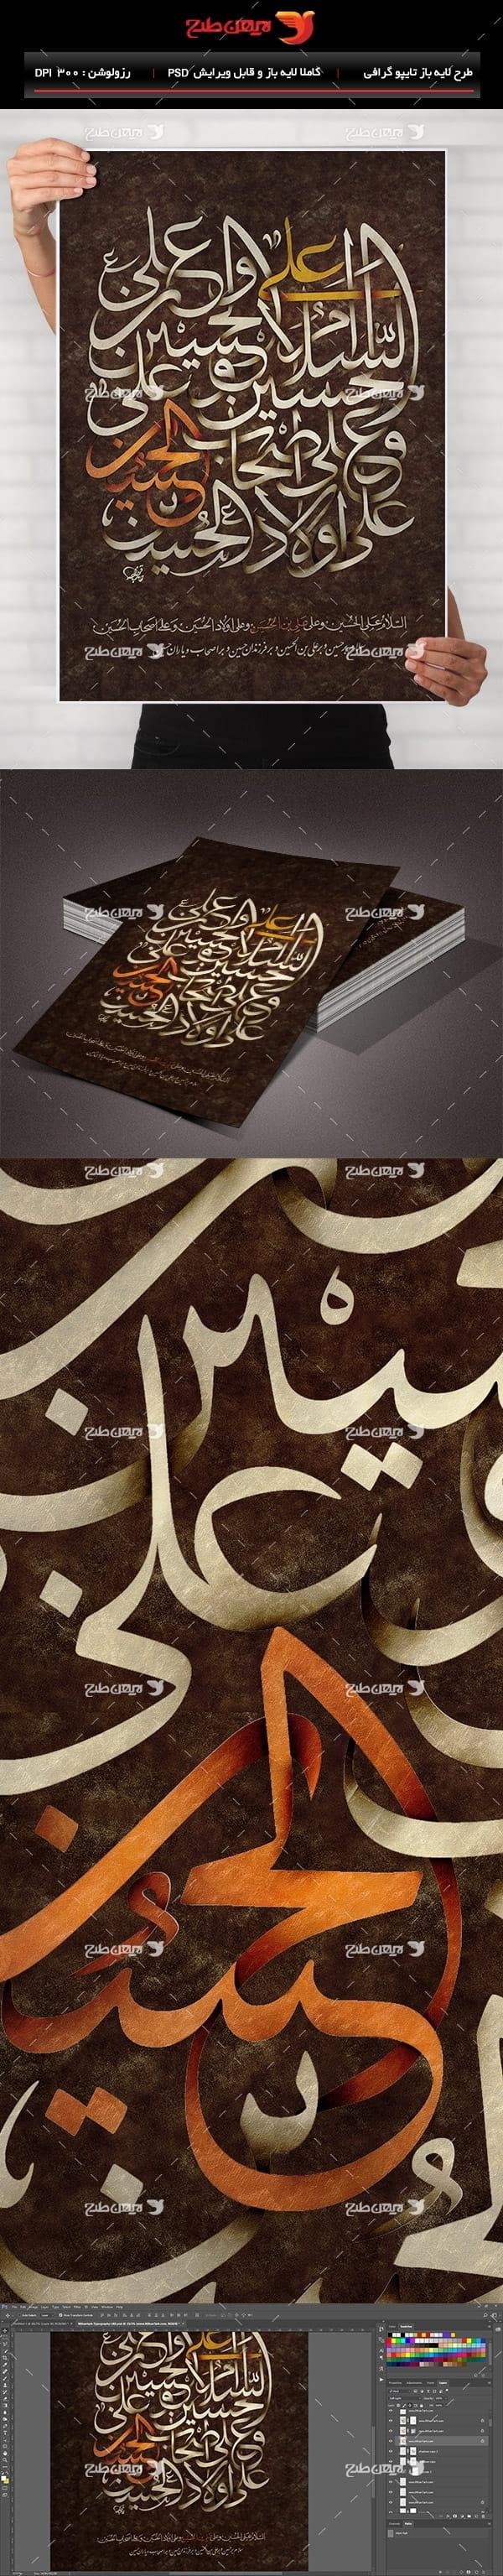 طرح لایه باز تایپوگرافی و خطاطی نام حسین ابن علی